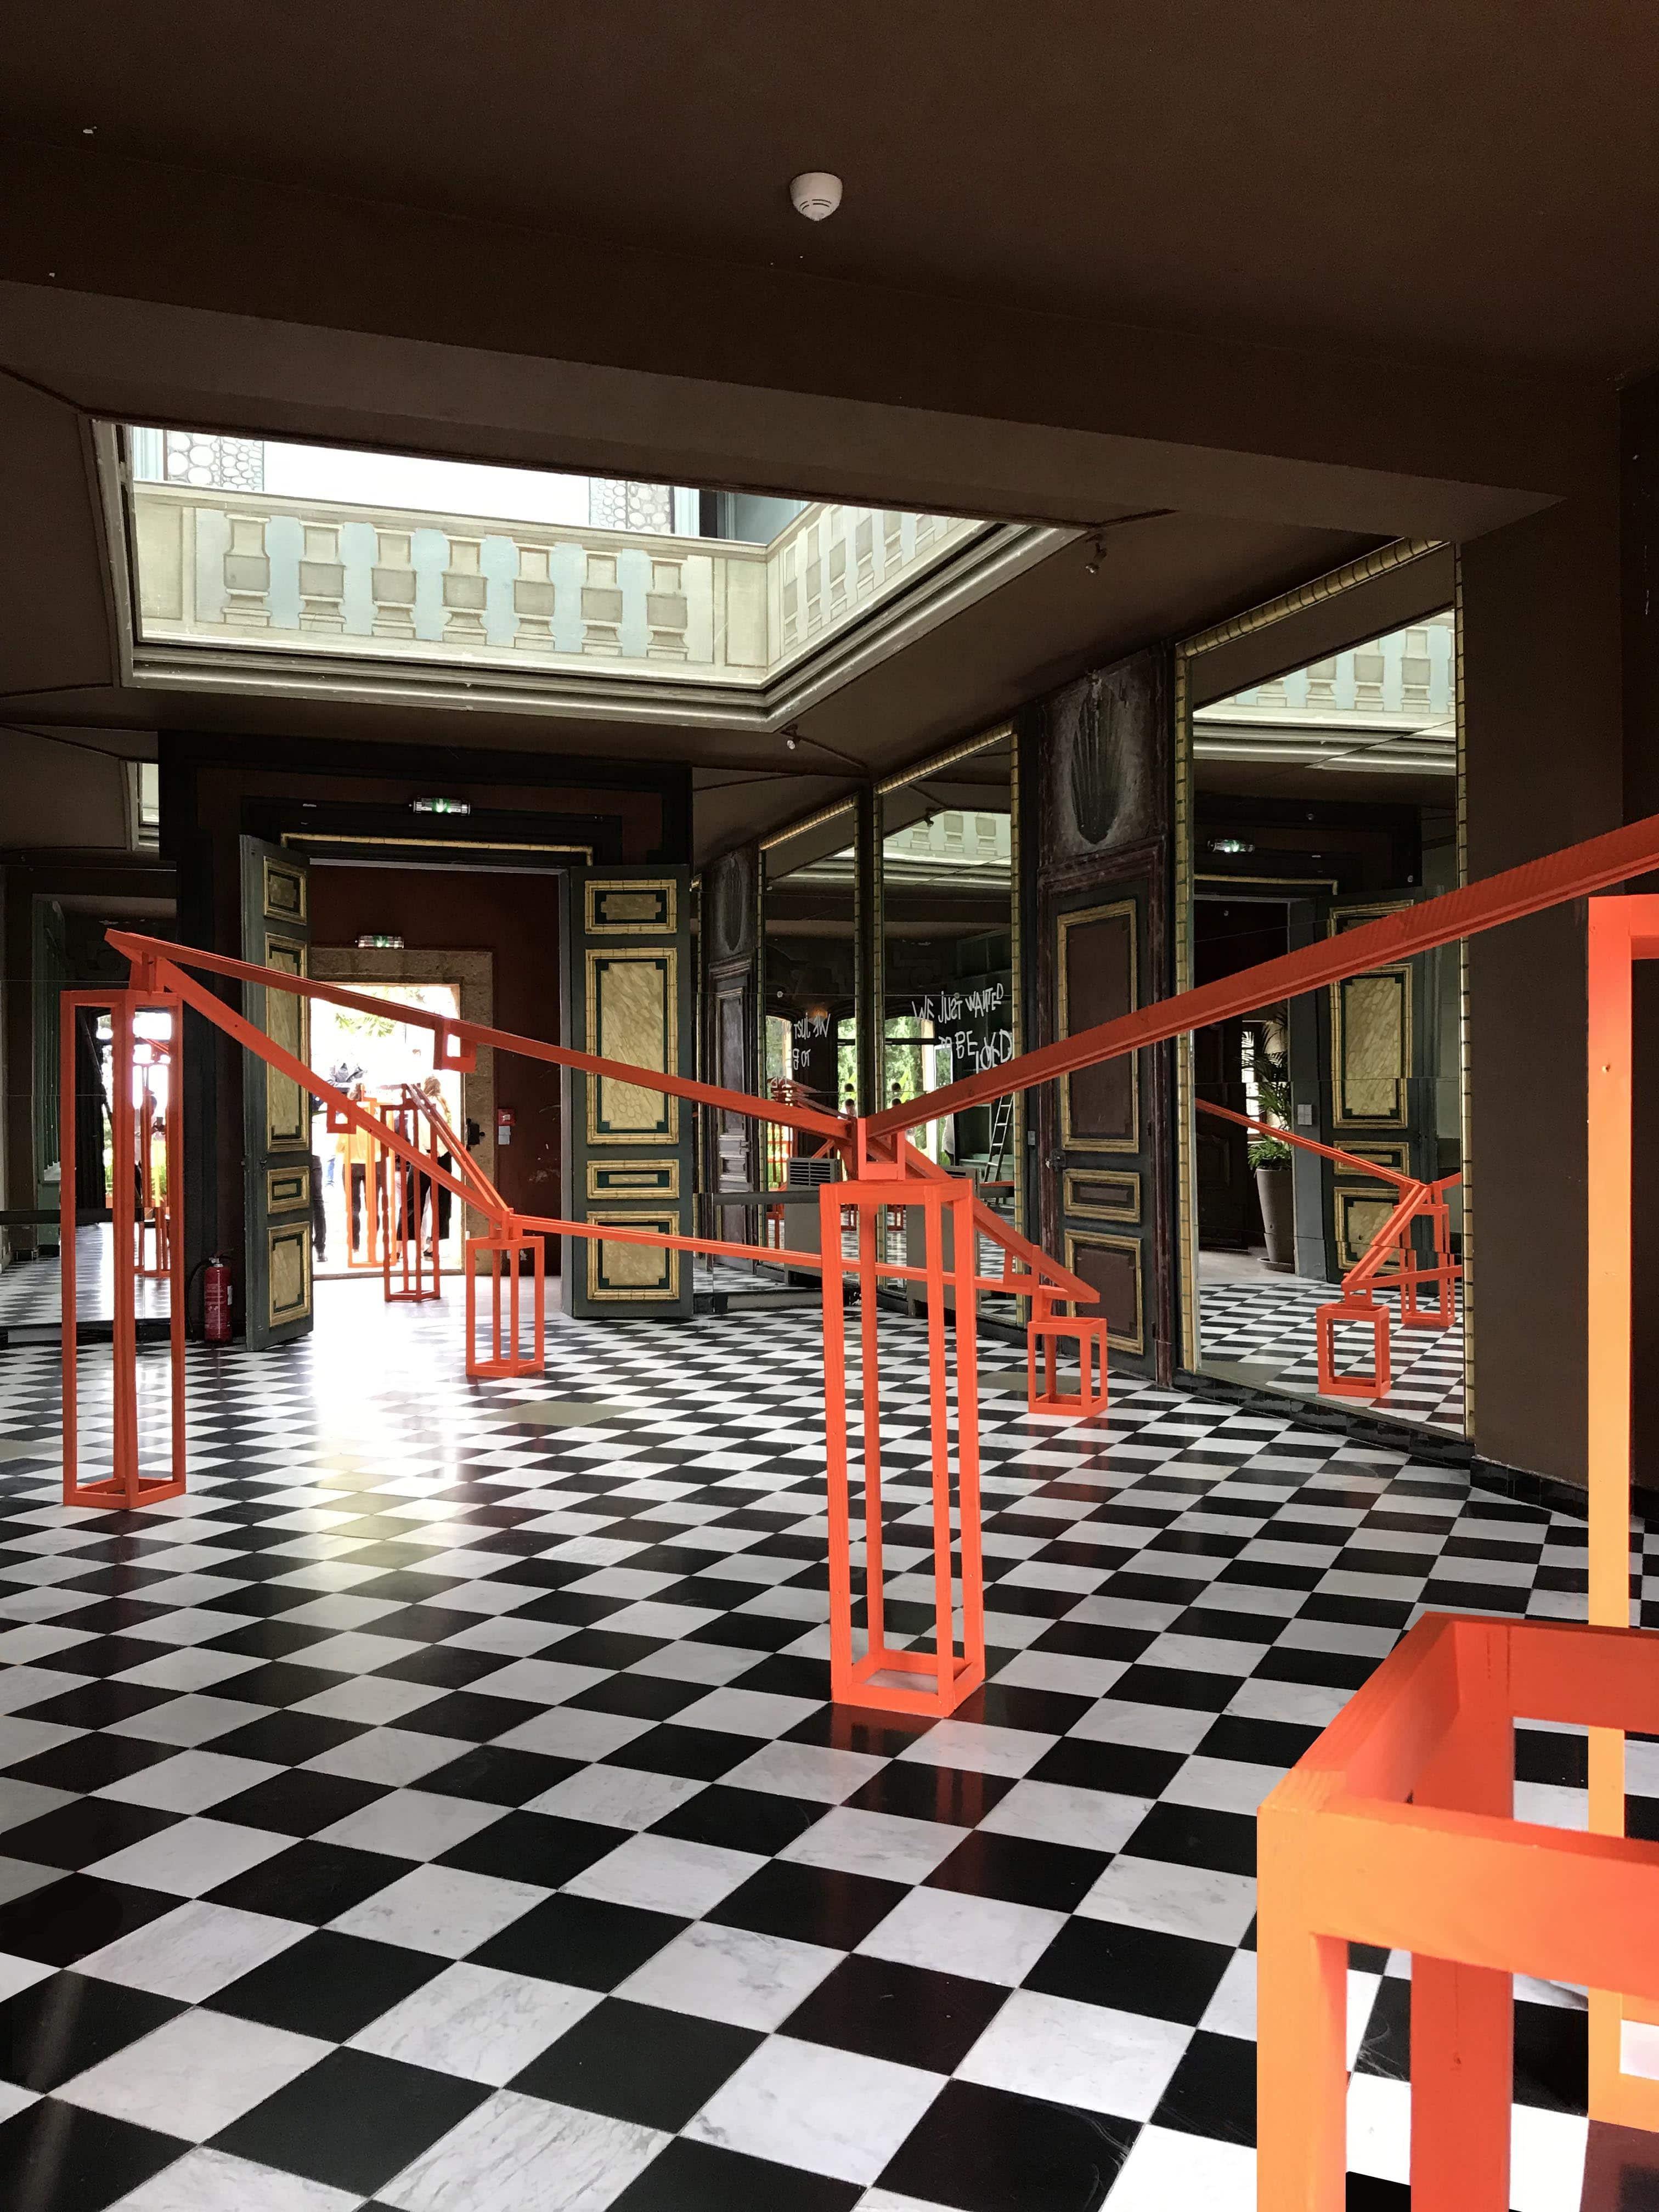 Villa trnasformiste workshop de Camondo Méditerranée avec la HEAD-Genève à la Villa Romaine acquise par l'agglomération TPM